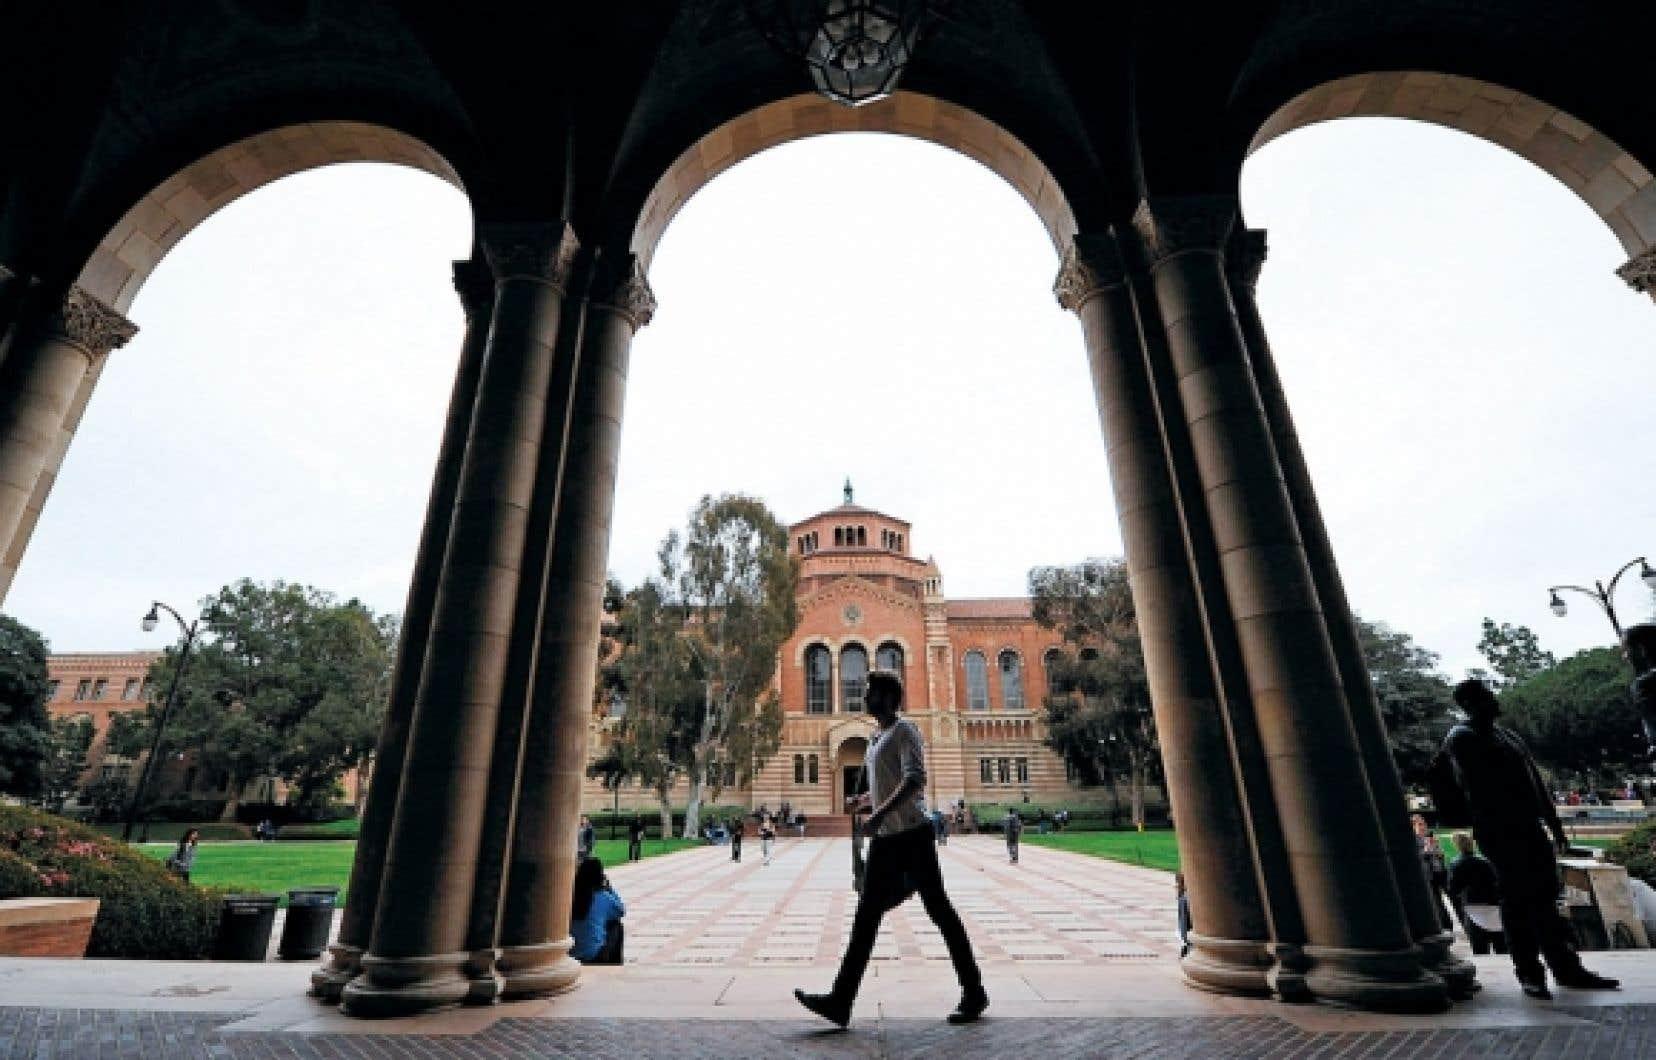 <div> Le campus de UCLA, à Los Angeles. Non seulement les étudiants américains sortent lourdement endettés de leurs études, mais leurs perspectives d'emploi sont à leur plus bas niveau, selon diverses études dévoilées le mois dernier.</div>